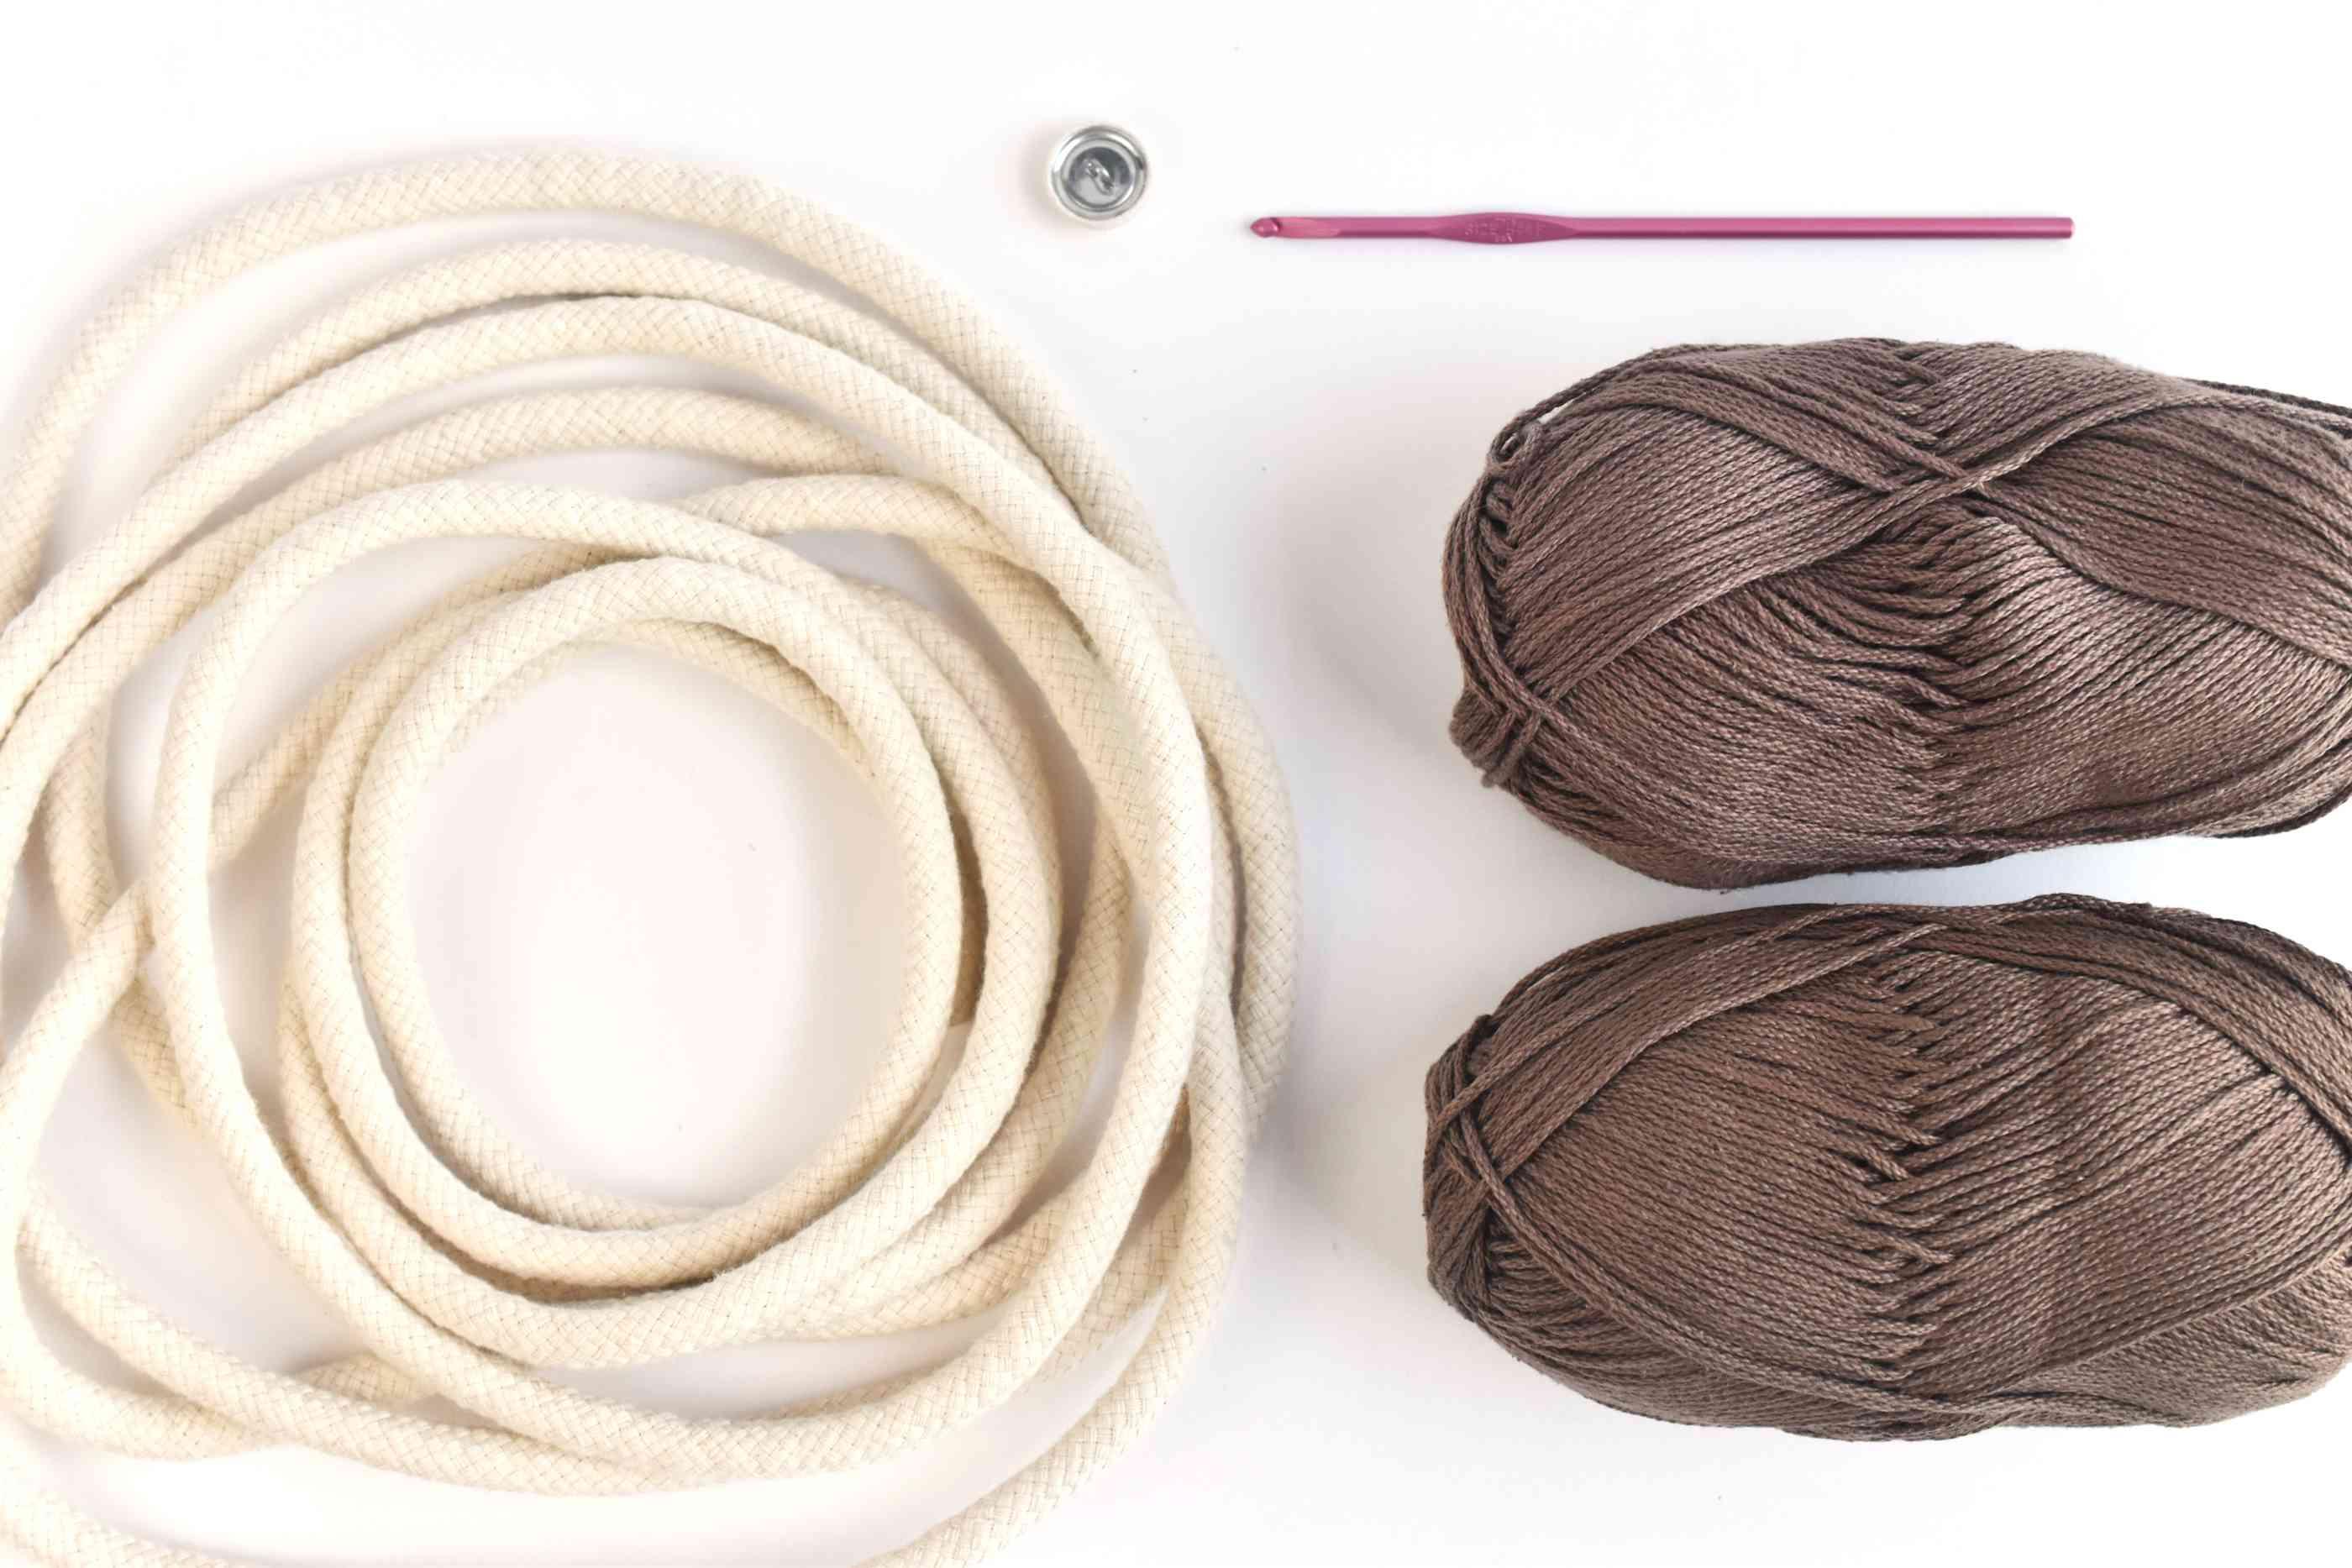 Crocheted Circle Bag Supplies